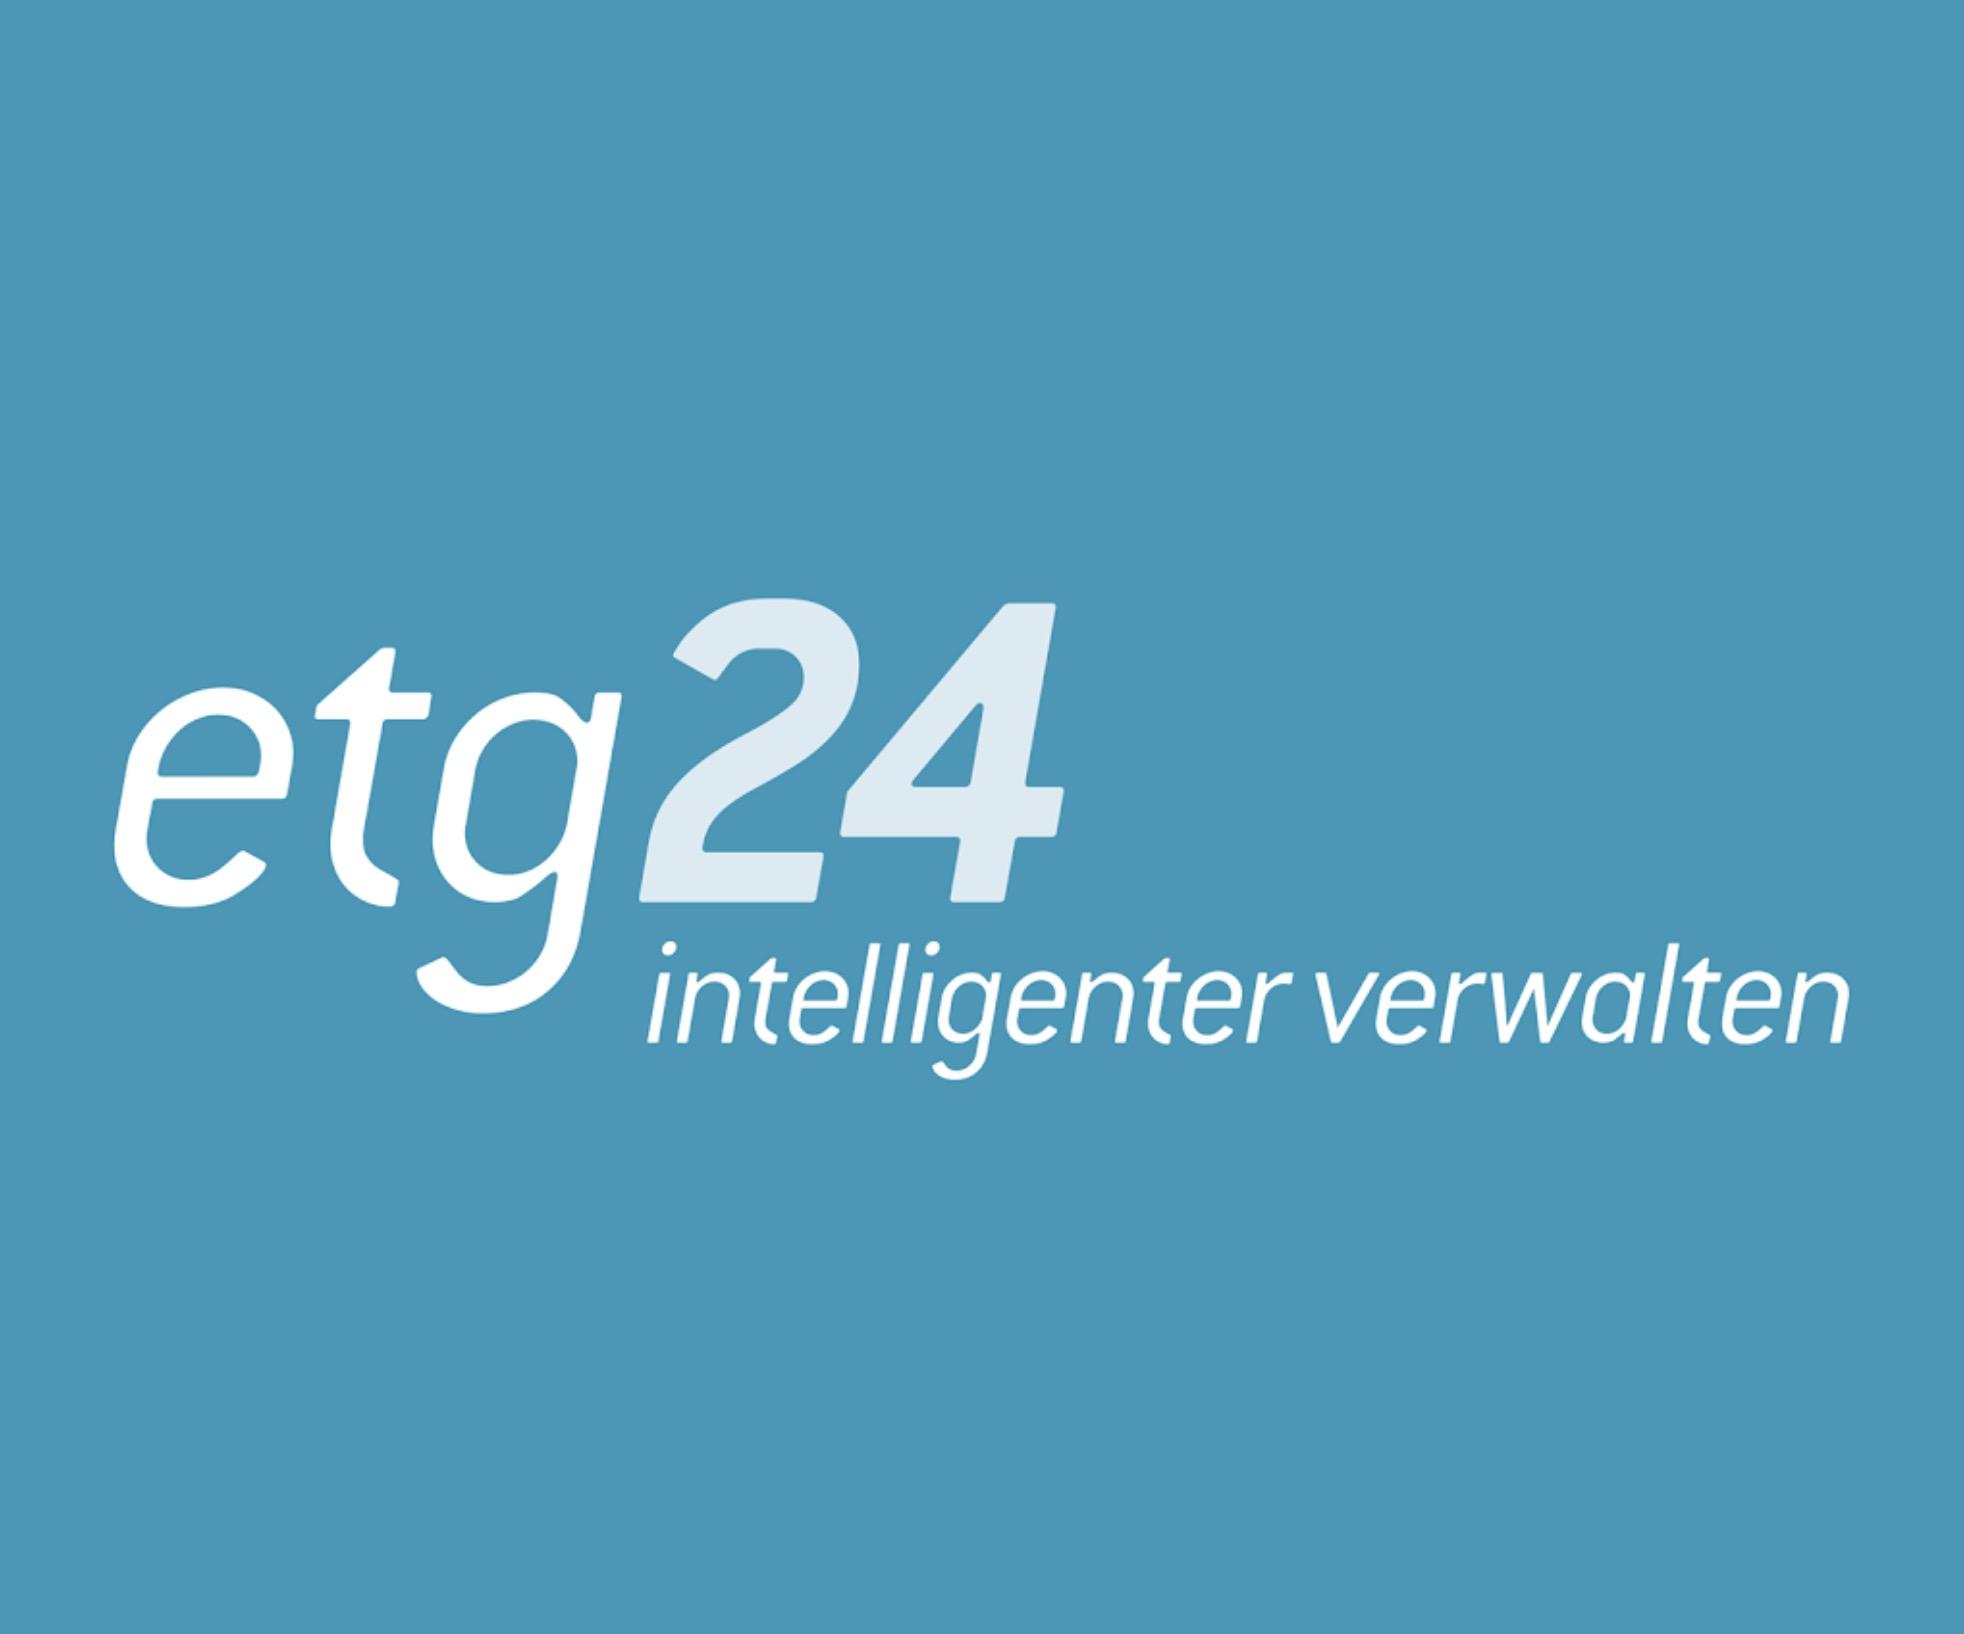 RS-Hausverwaltung Logo etg24